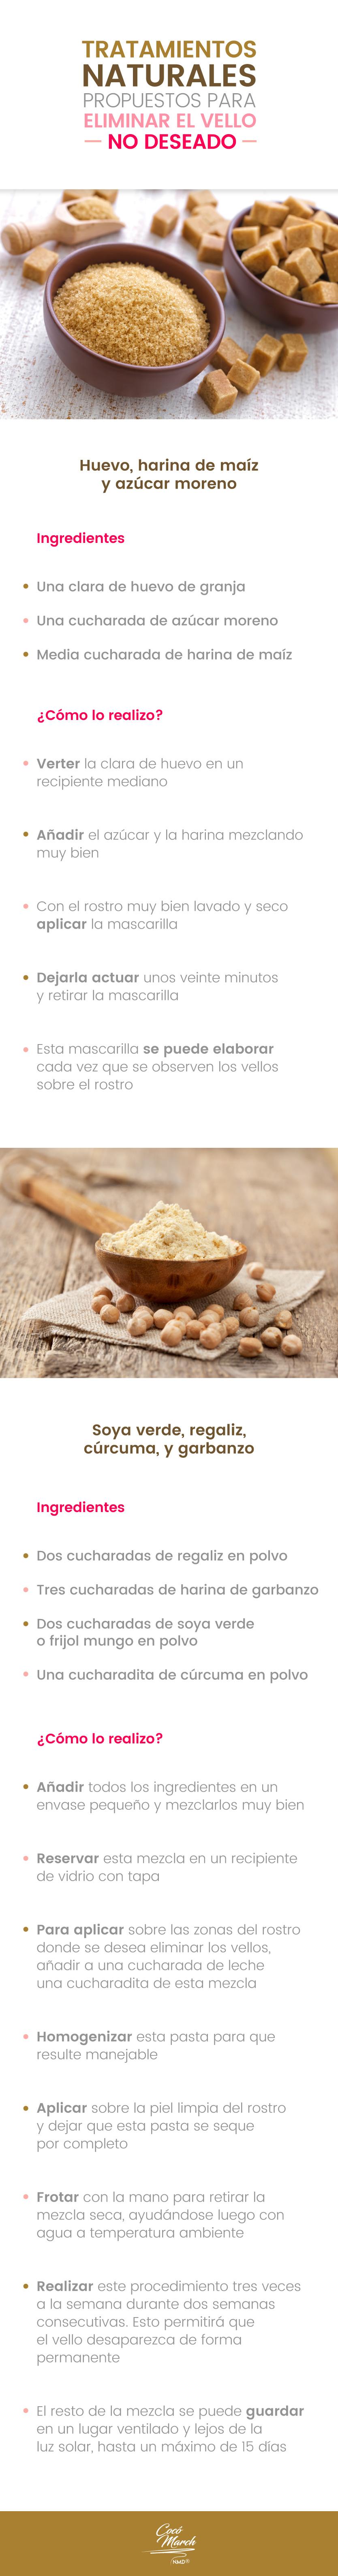 remedios-naturales-para-eliminar-el-vello-no-deseado